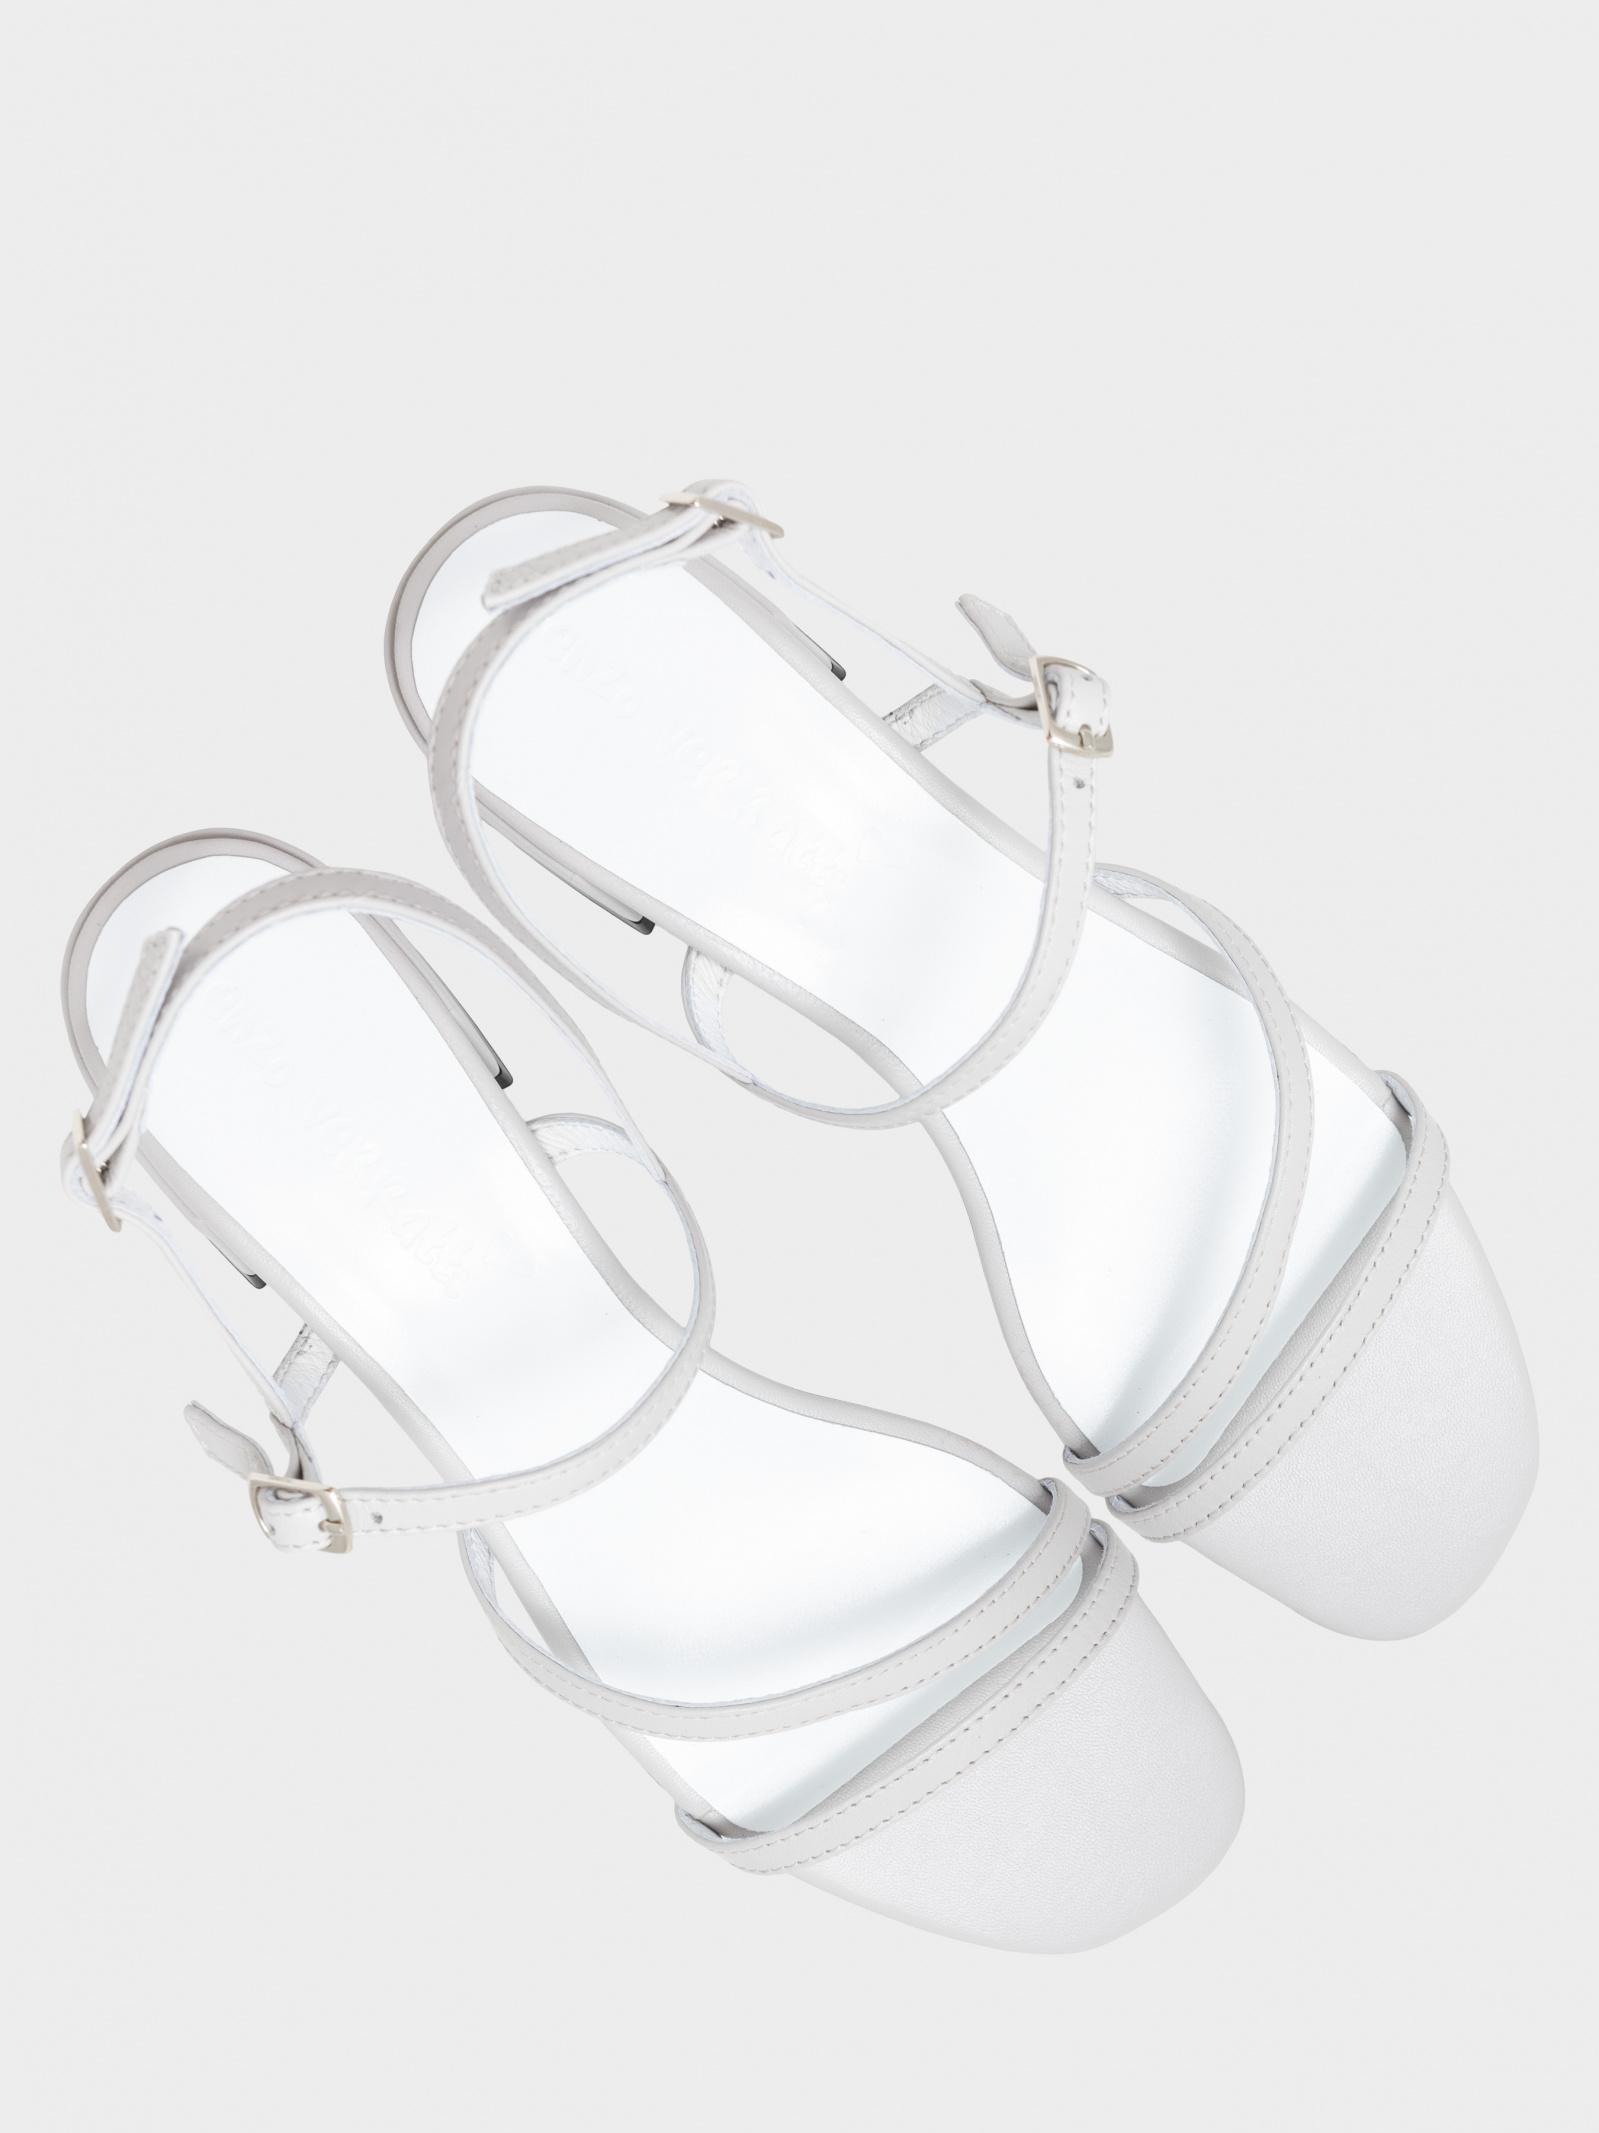 Босоніжки  жіночі Enzo Verratti 18-4-9606-6g купити в Iнтертоп, 2017